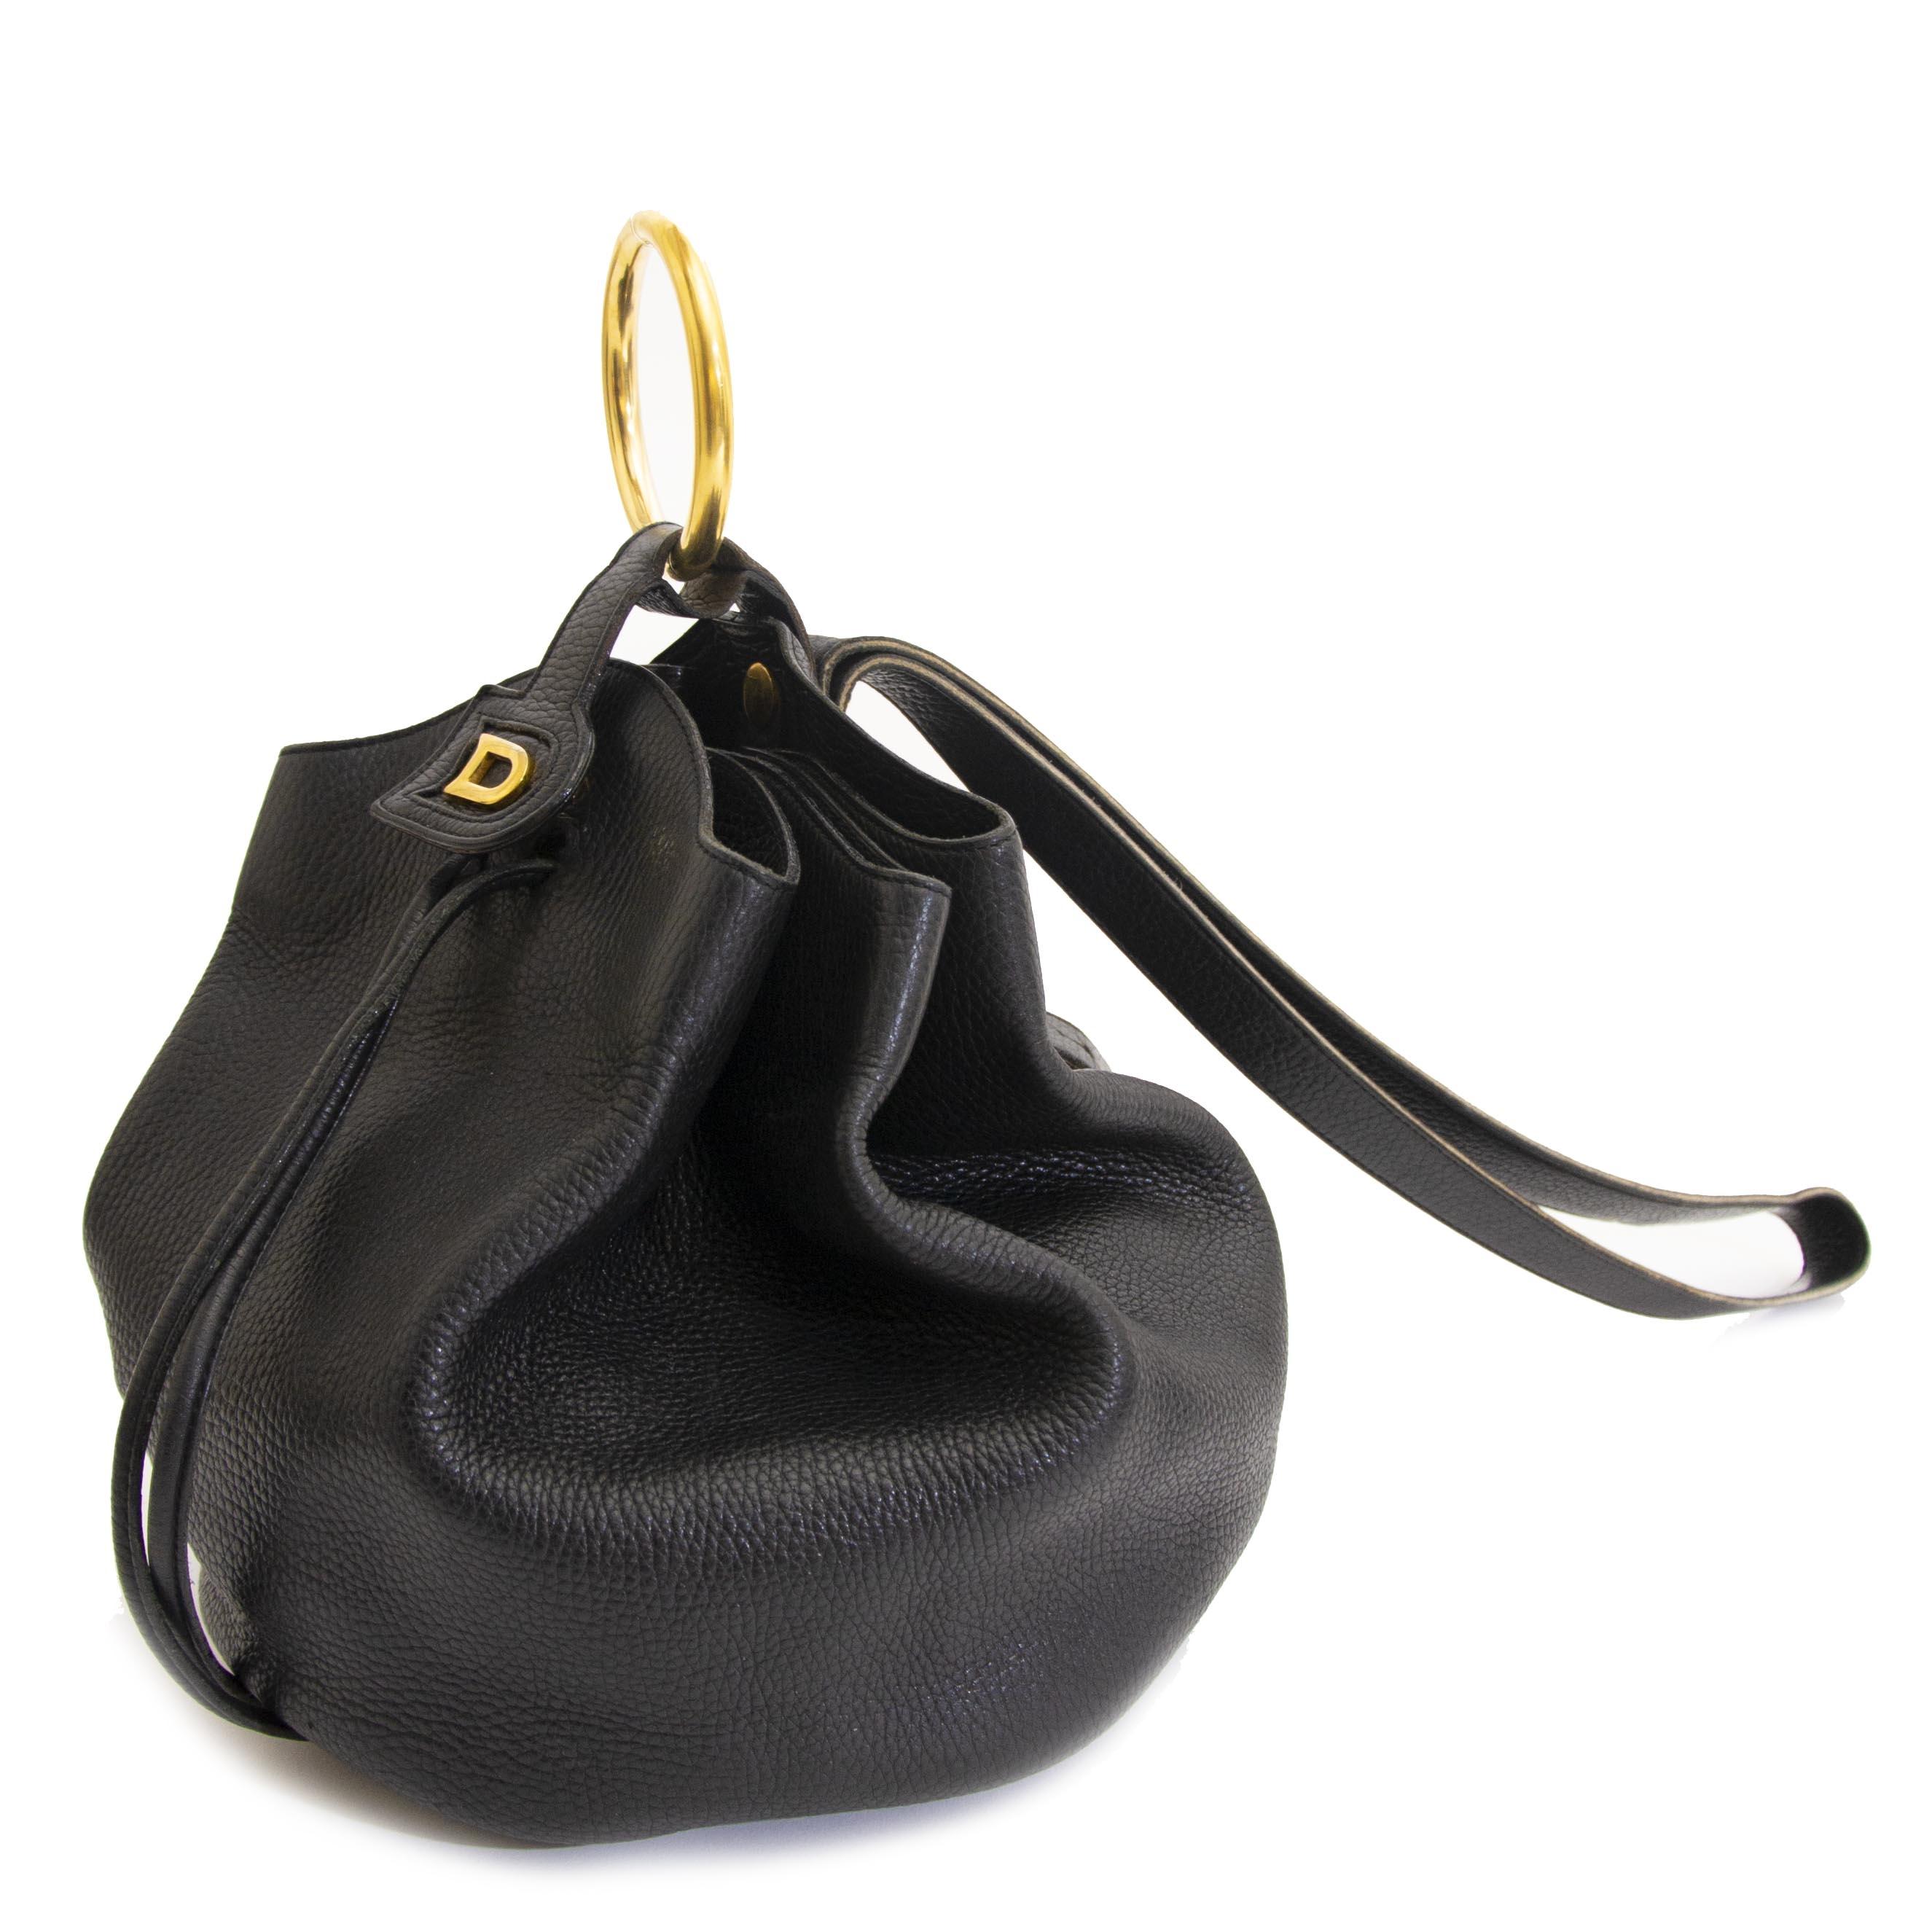 ... delvaux zwarte bucket tas nu te koop bij labellov vintage webshop  belgië aan de laagste prijs 98e82ea9d1b